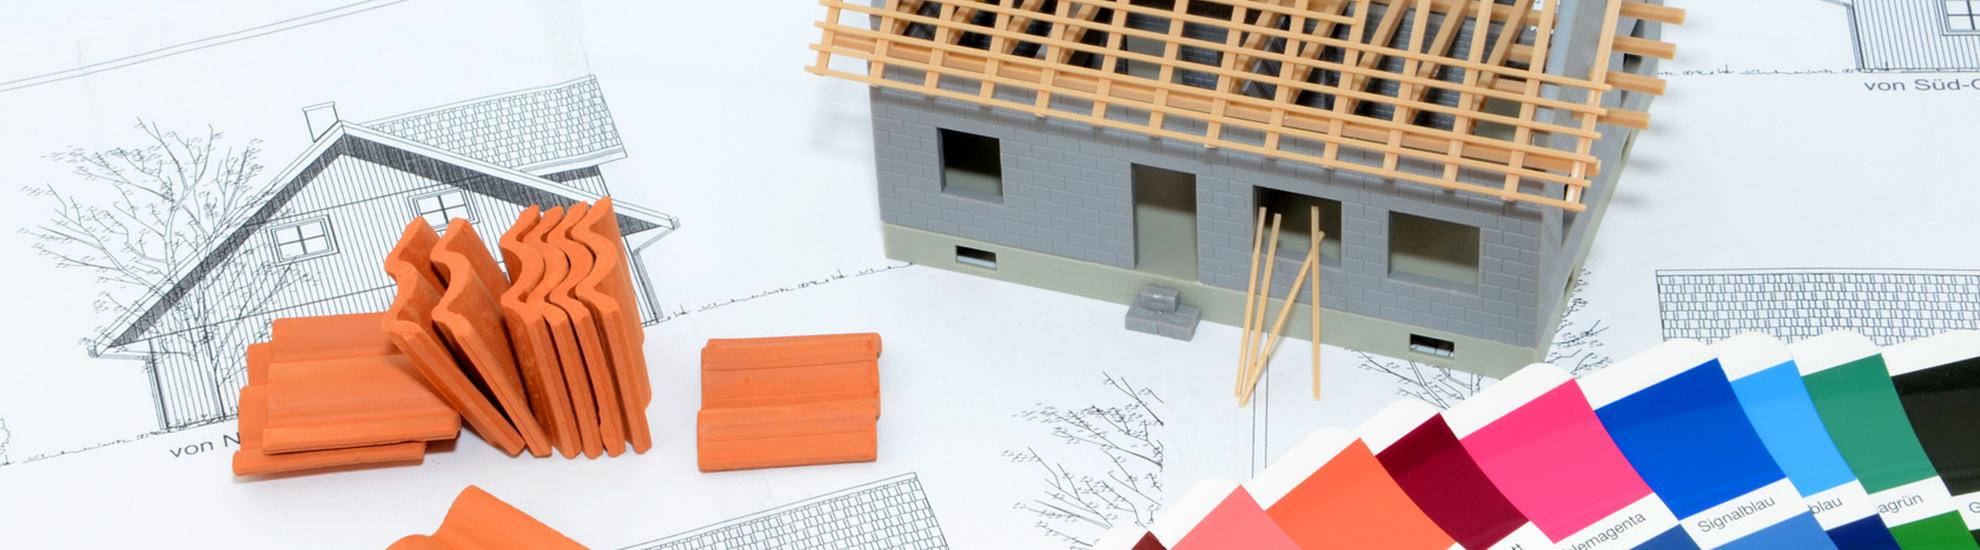 sprzedaz-materialow-budowlanych